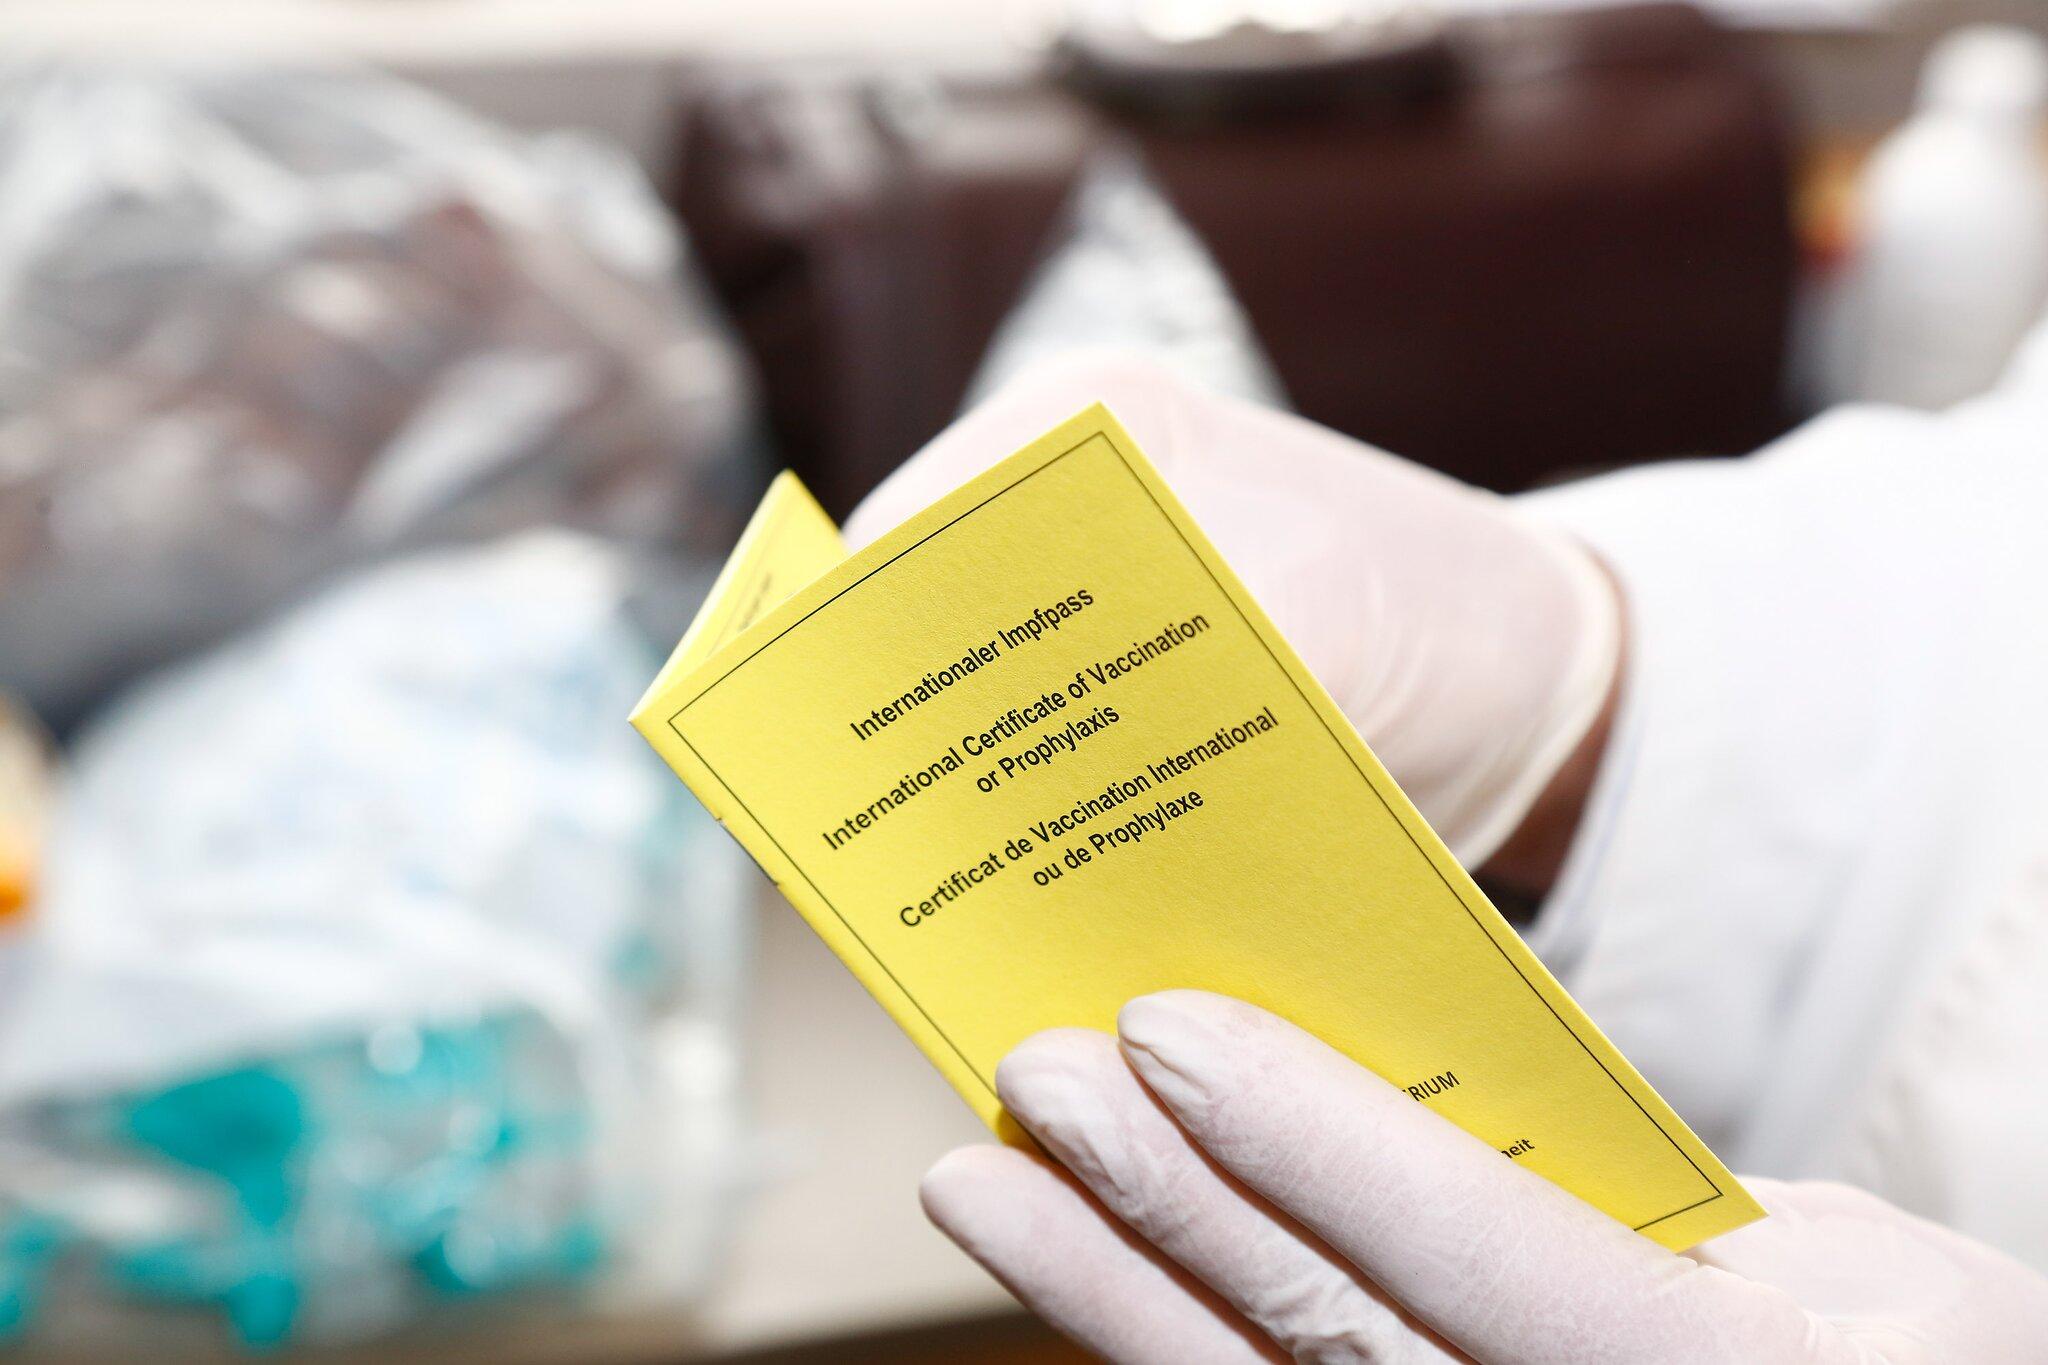 Hpv virus behandlung homoopathisch, Hpv impfung salzburg